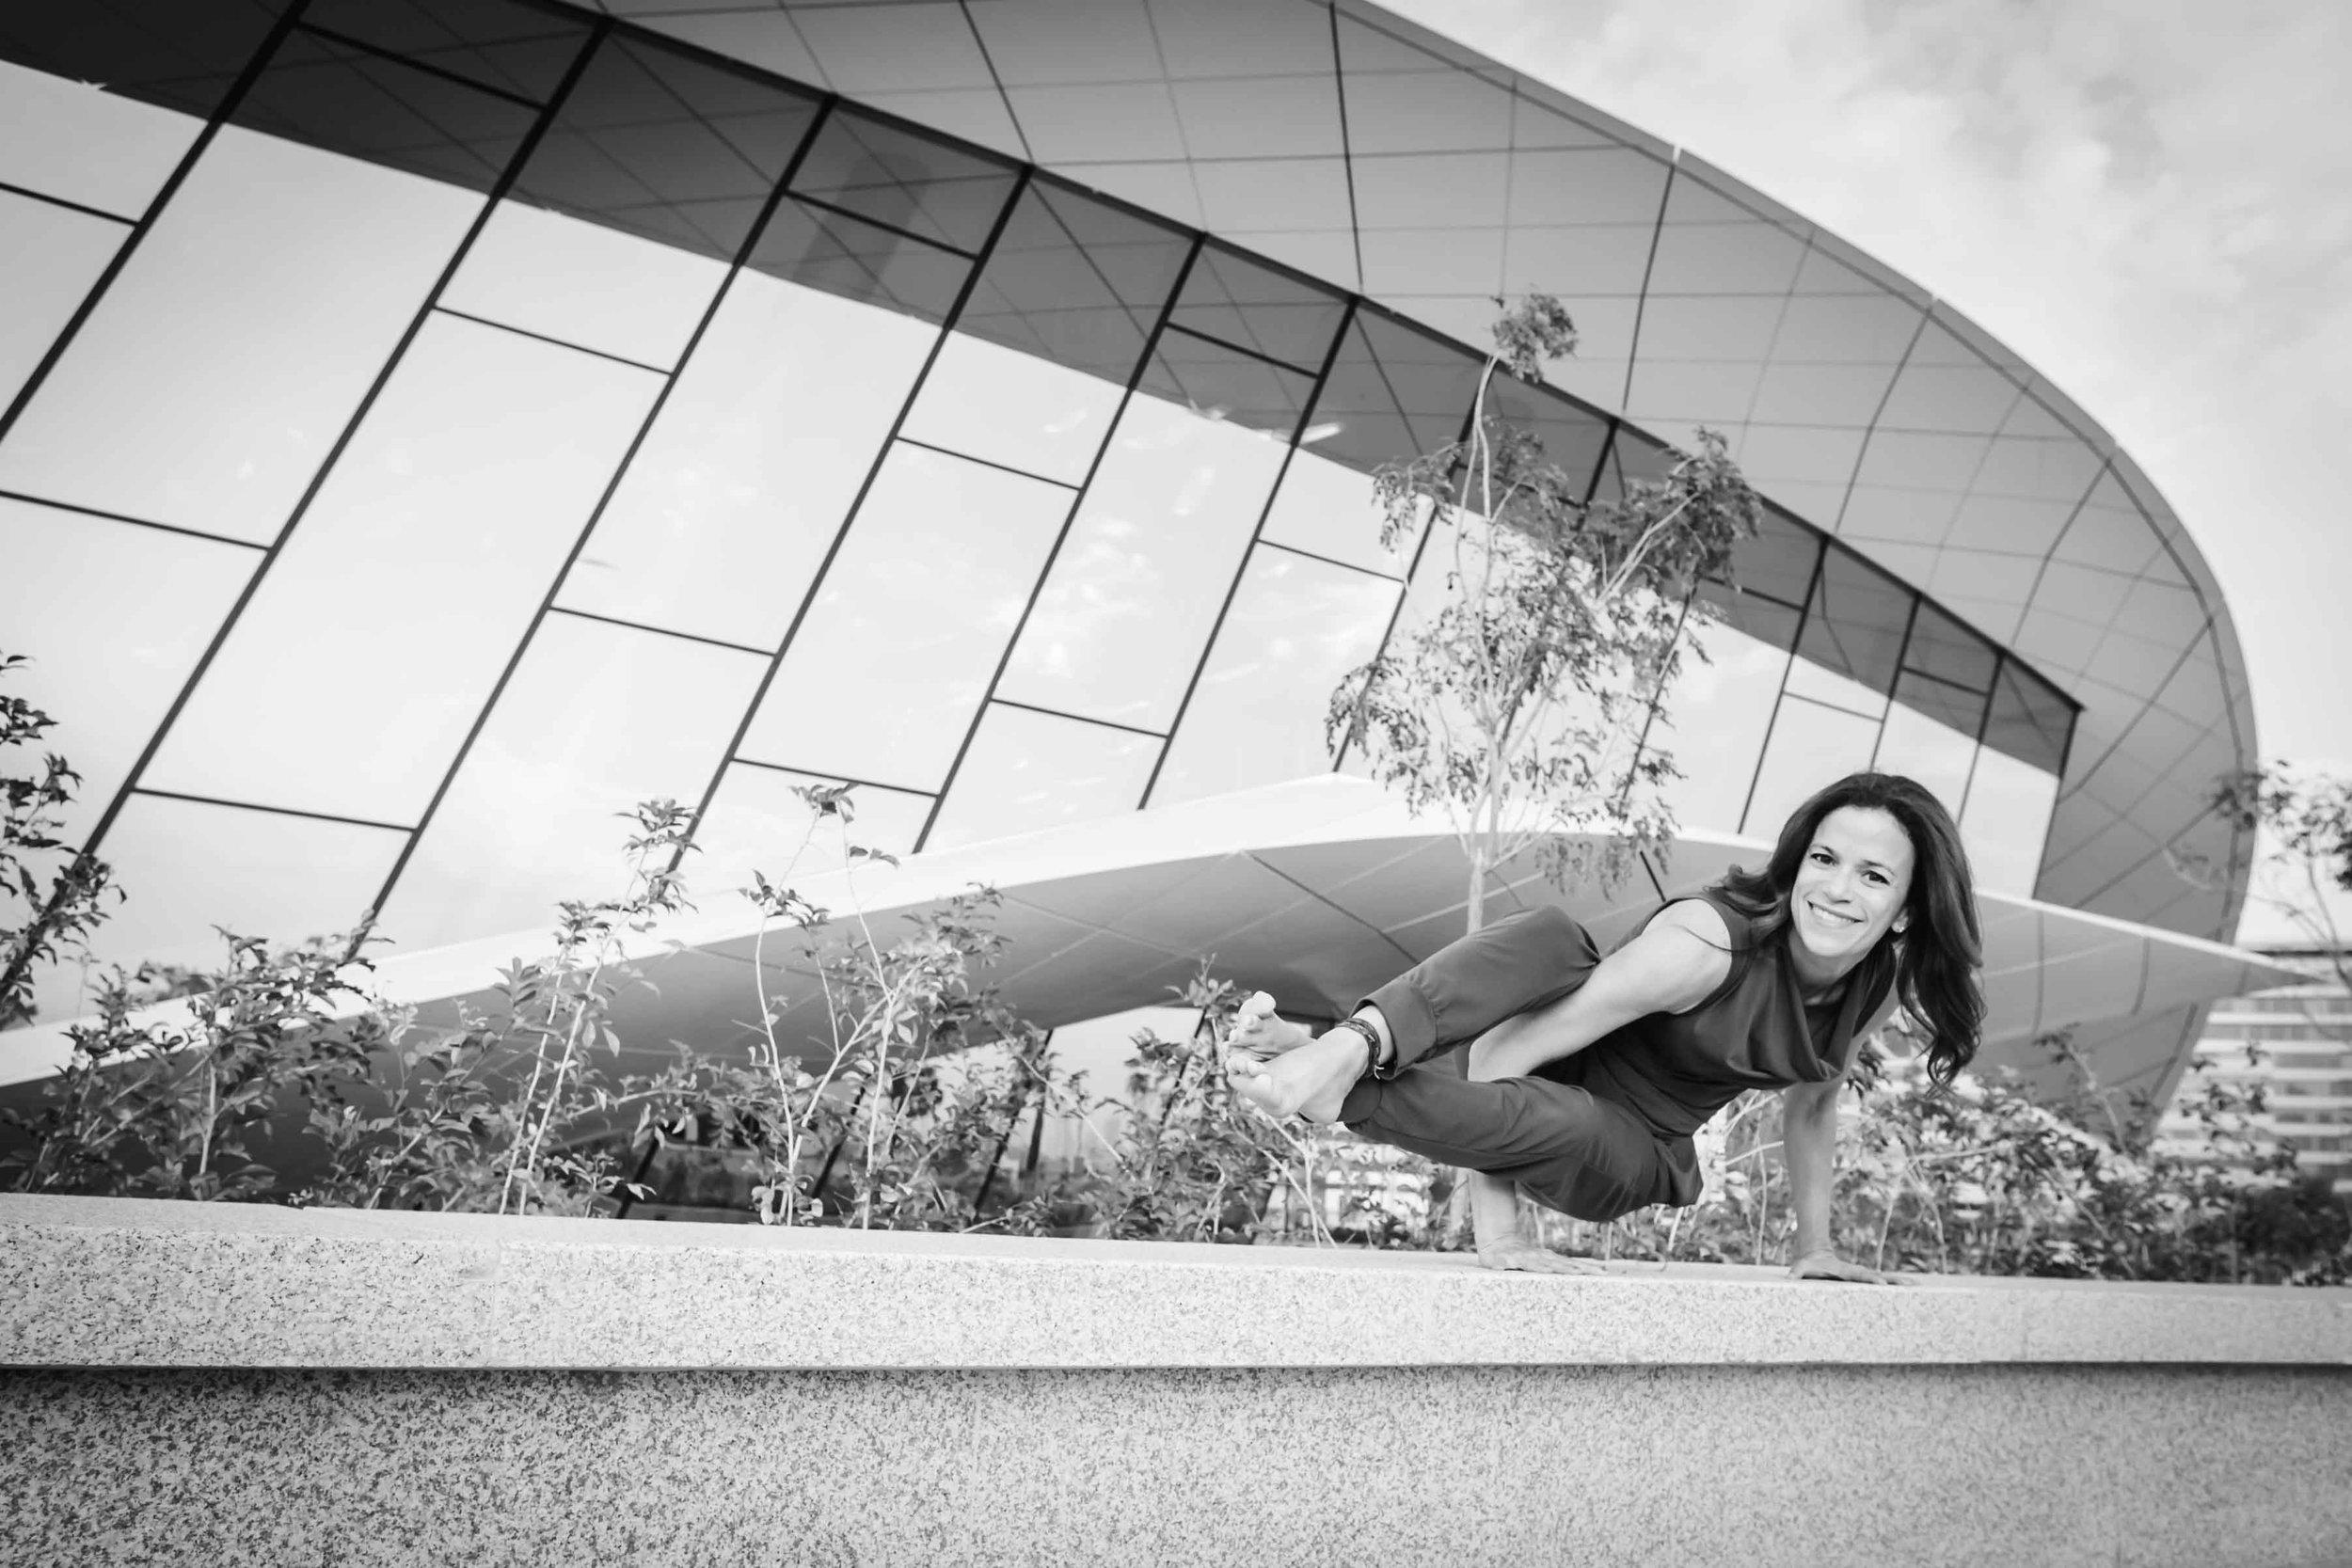 mylene yoga etihad-8255.jpg